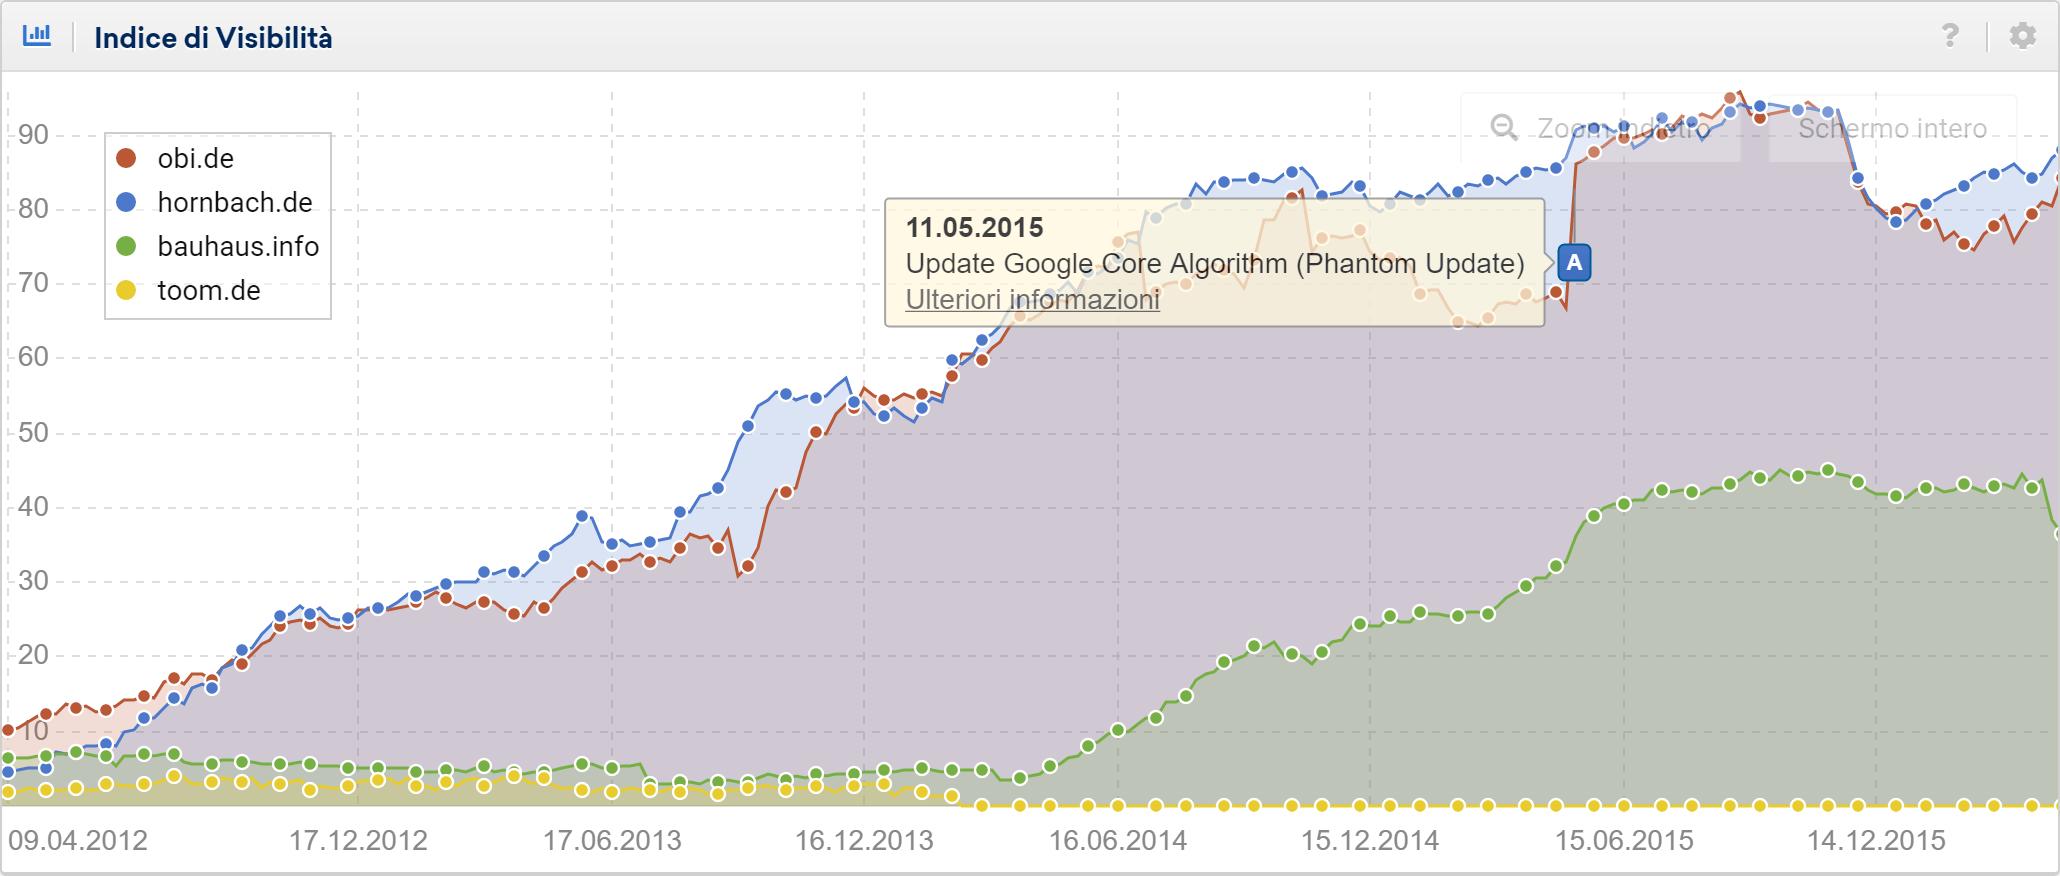 Toolbox SISTRIX: confronto tra obi.de e concorrenti. Impatto del Phantom Update